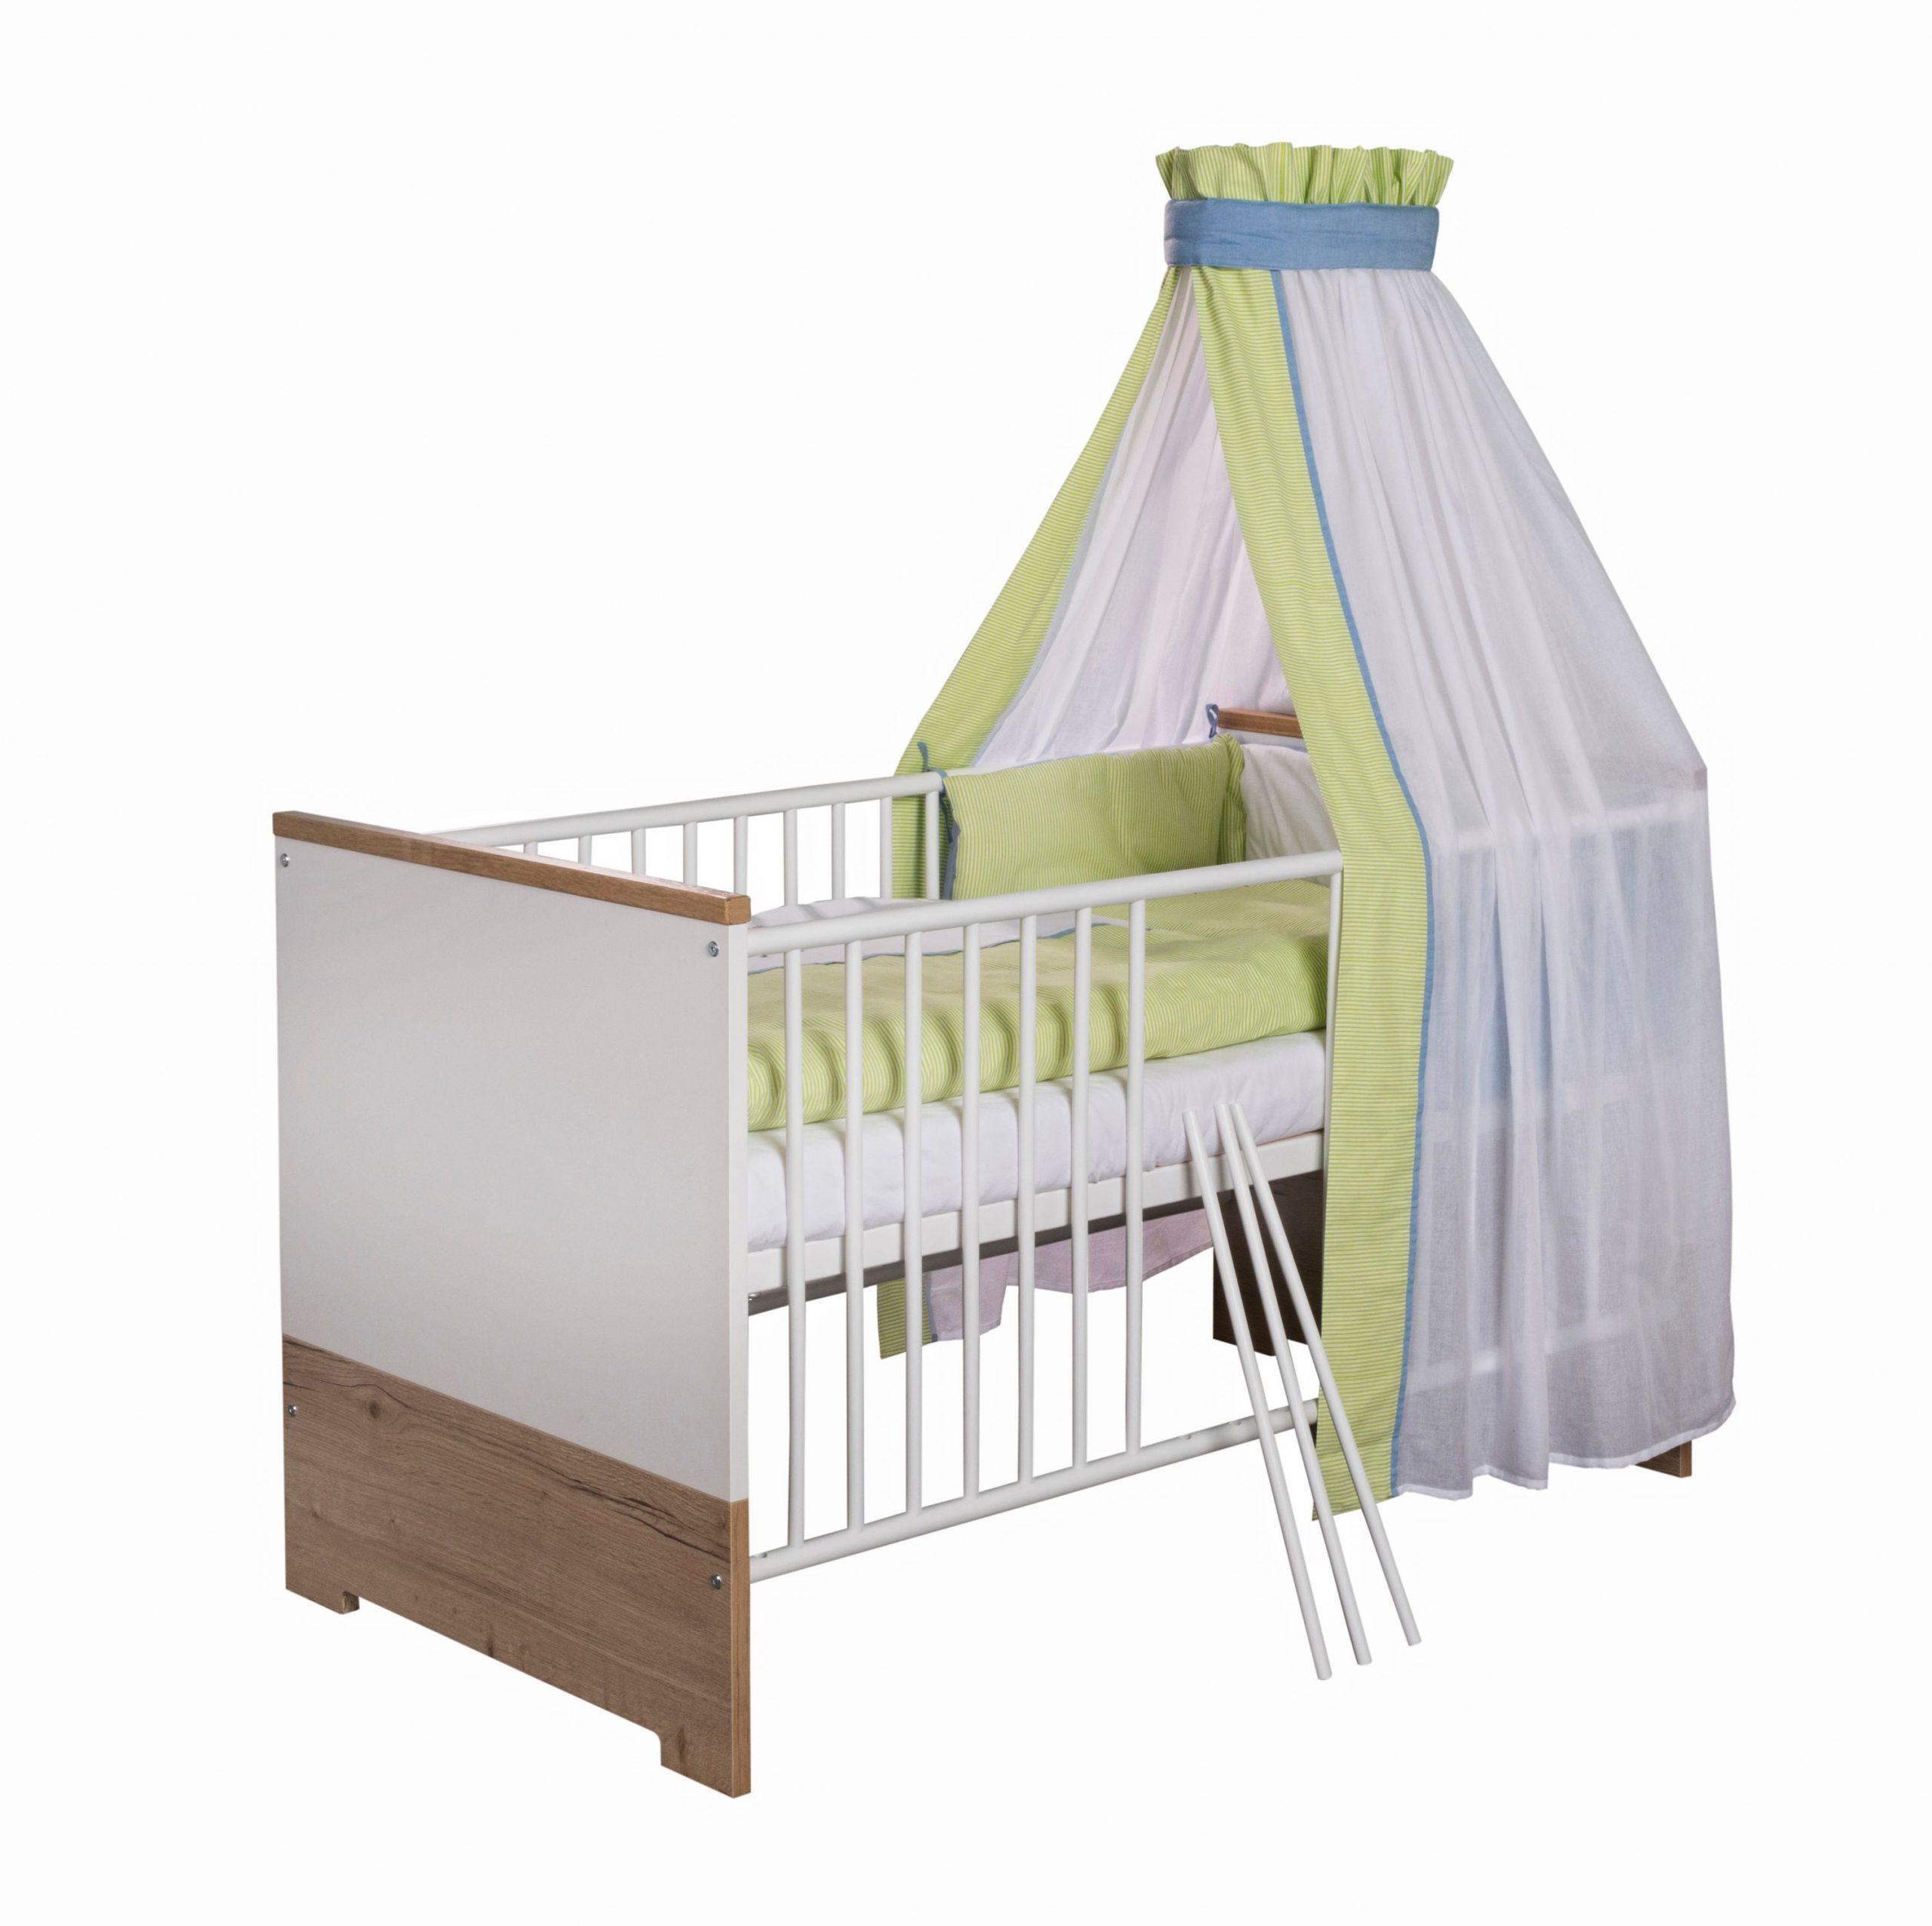 Full Size of Kinderbett Eco Plus Betten Babyzimmer Rume Und Esstisch Günstig Alte Fenster Kaufen Bock Bett Günstige Sofa Küche Berlin Billerbeck Regal Teenager Bett Günstig Betten Kaufen